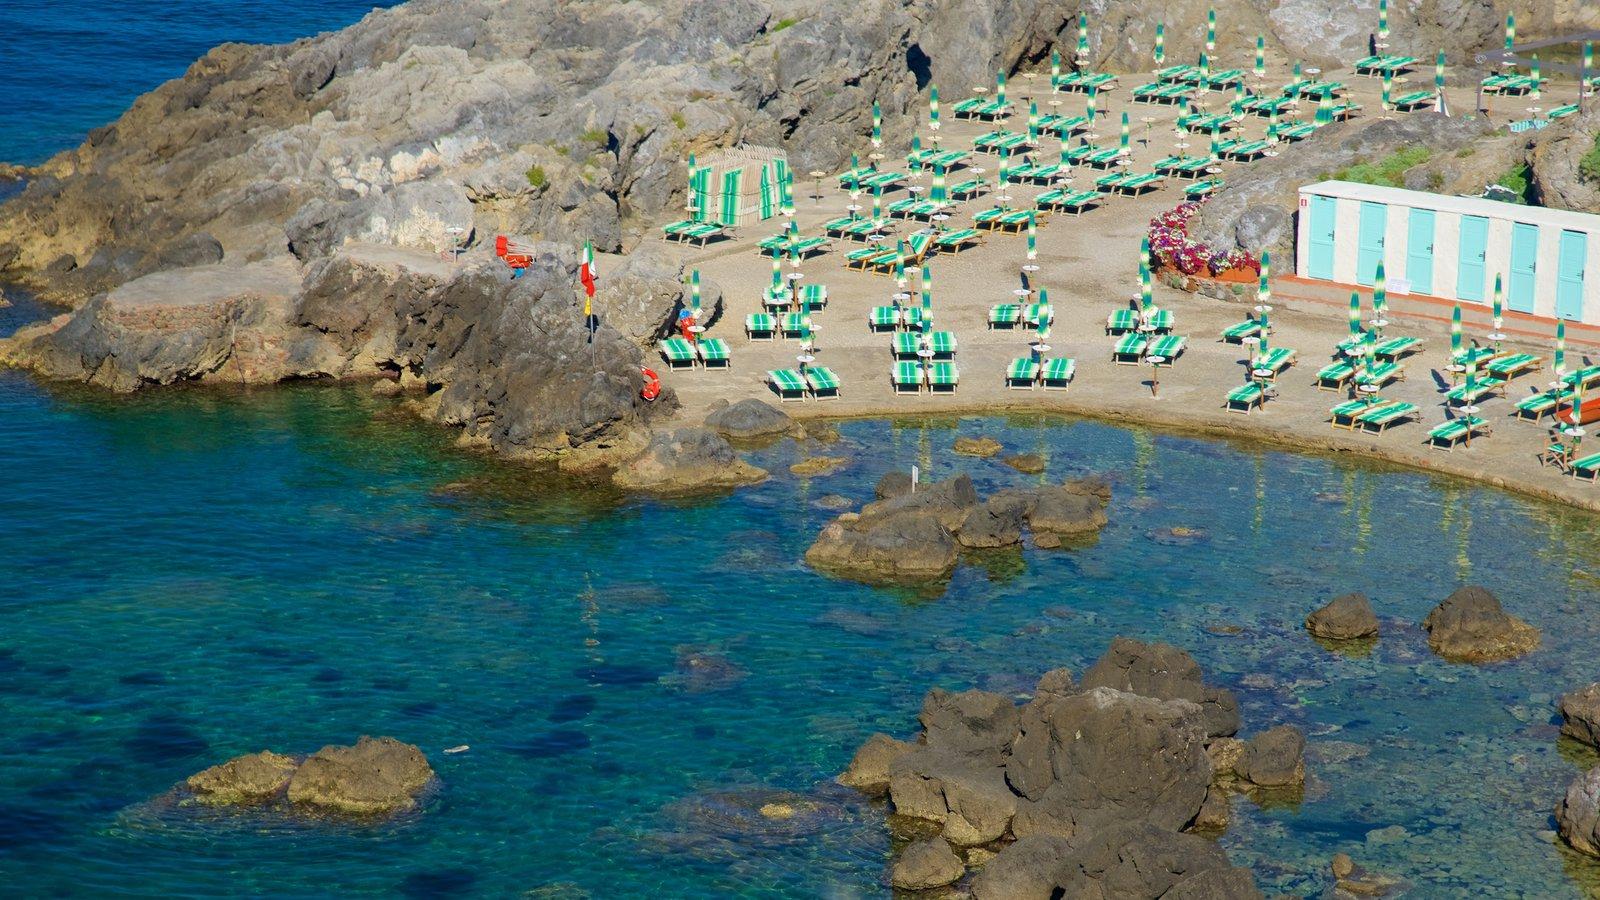 Talamone caracterizando litoral rochoso